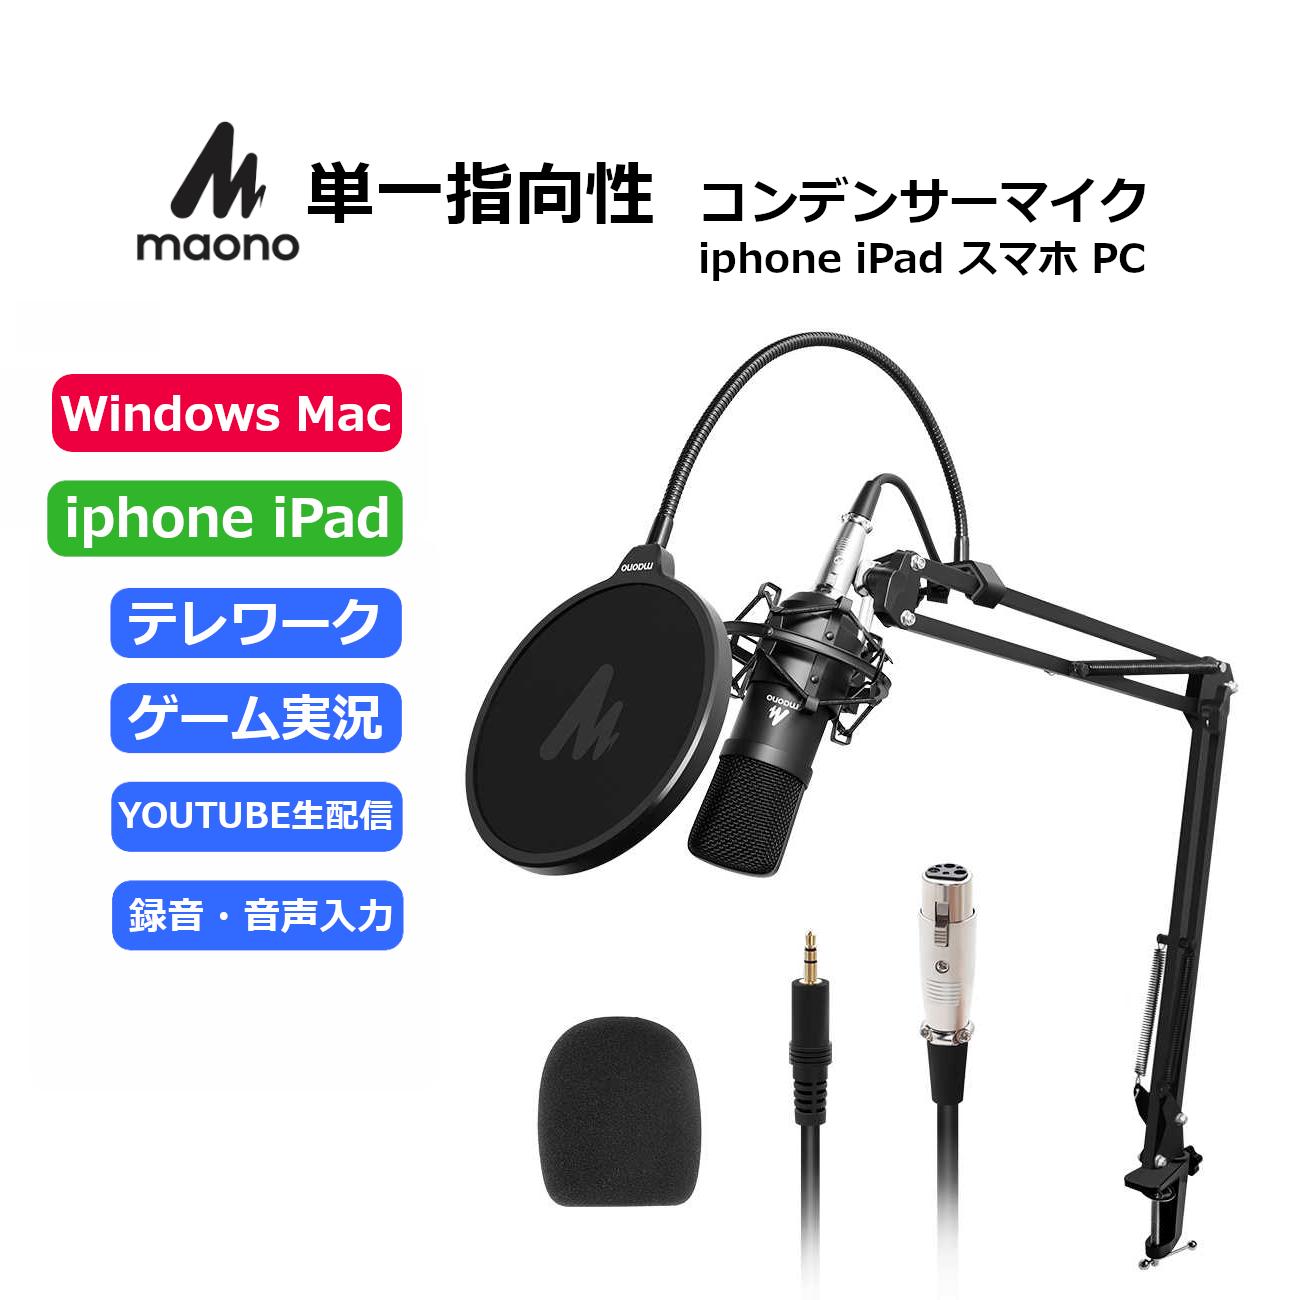 MAONO コンデンサーマイク オンライン限定商品 パソコン iphone iPad スマートフォン 高音質 単一指向性 卓上 スタンド カラオケ スマホ テレワーク アイパッド アイフォン Zoom Skype YOUTUBE 生放送 録音 AU-A03 PS4ゲーム実況 お求めやすく価格改定